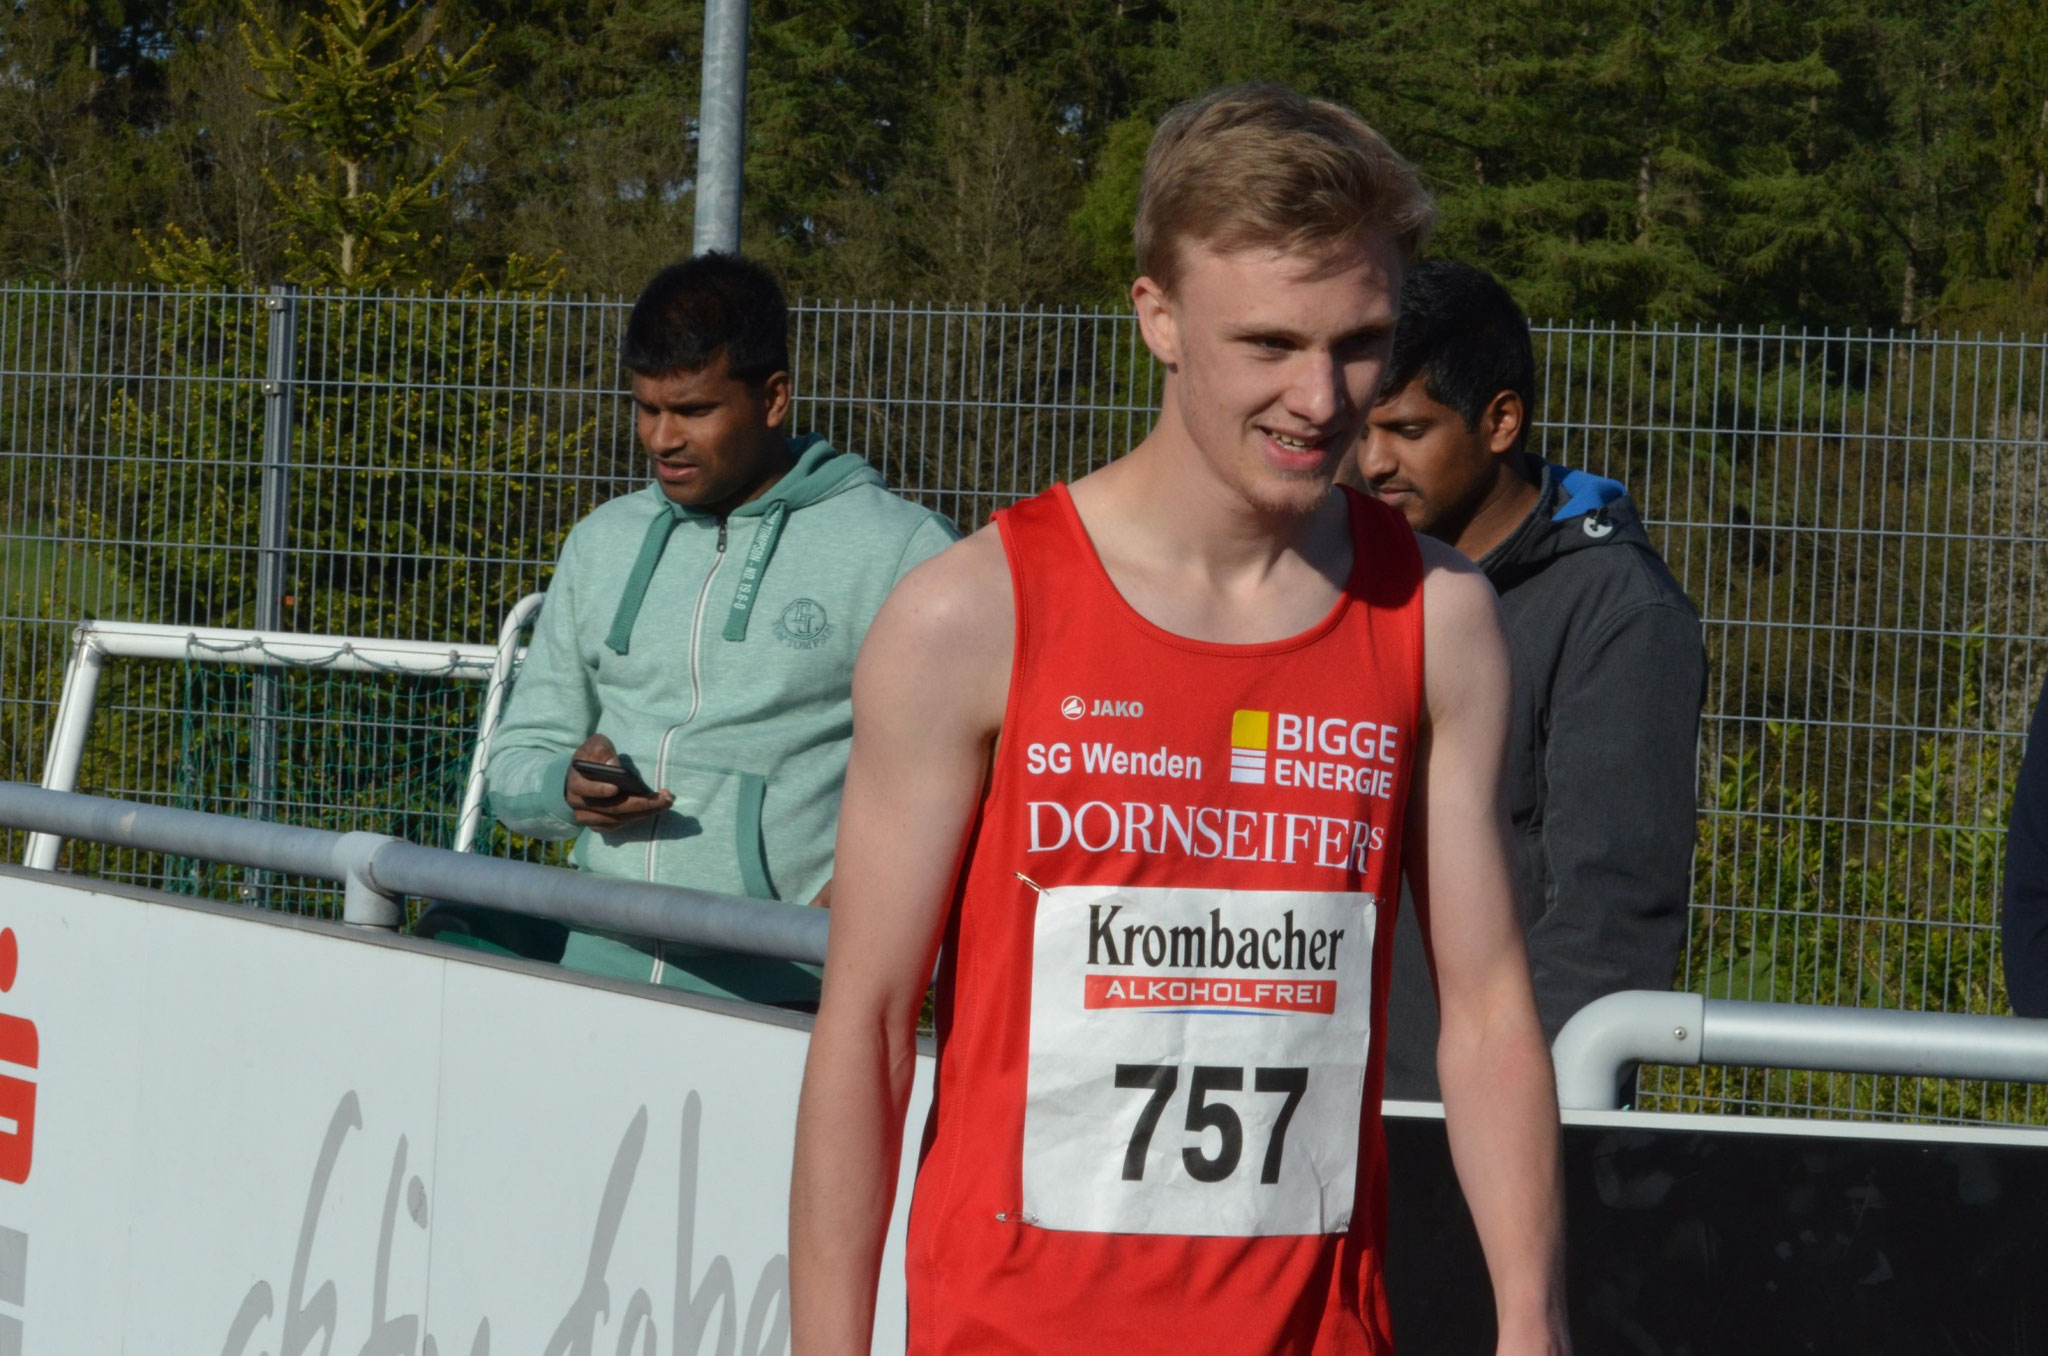 Alex Lind im vergangenen Jahr bei den Mittelstreckenmeisterschaften